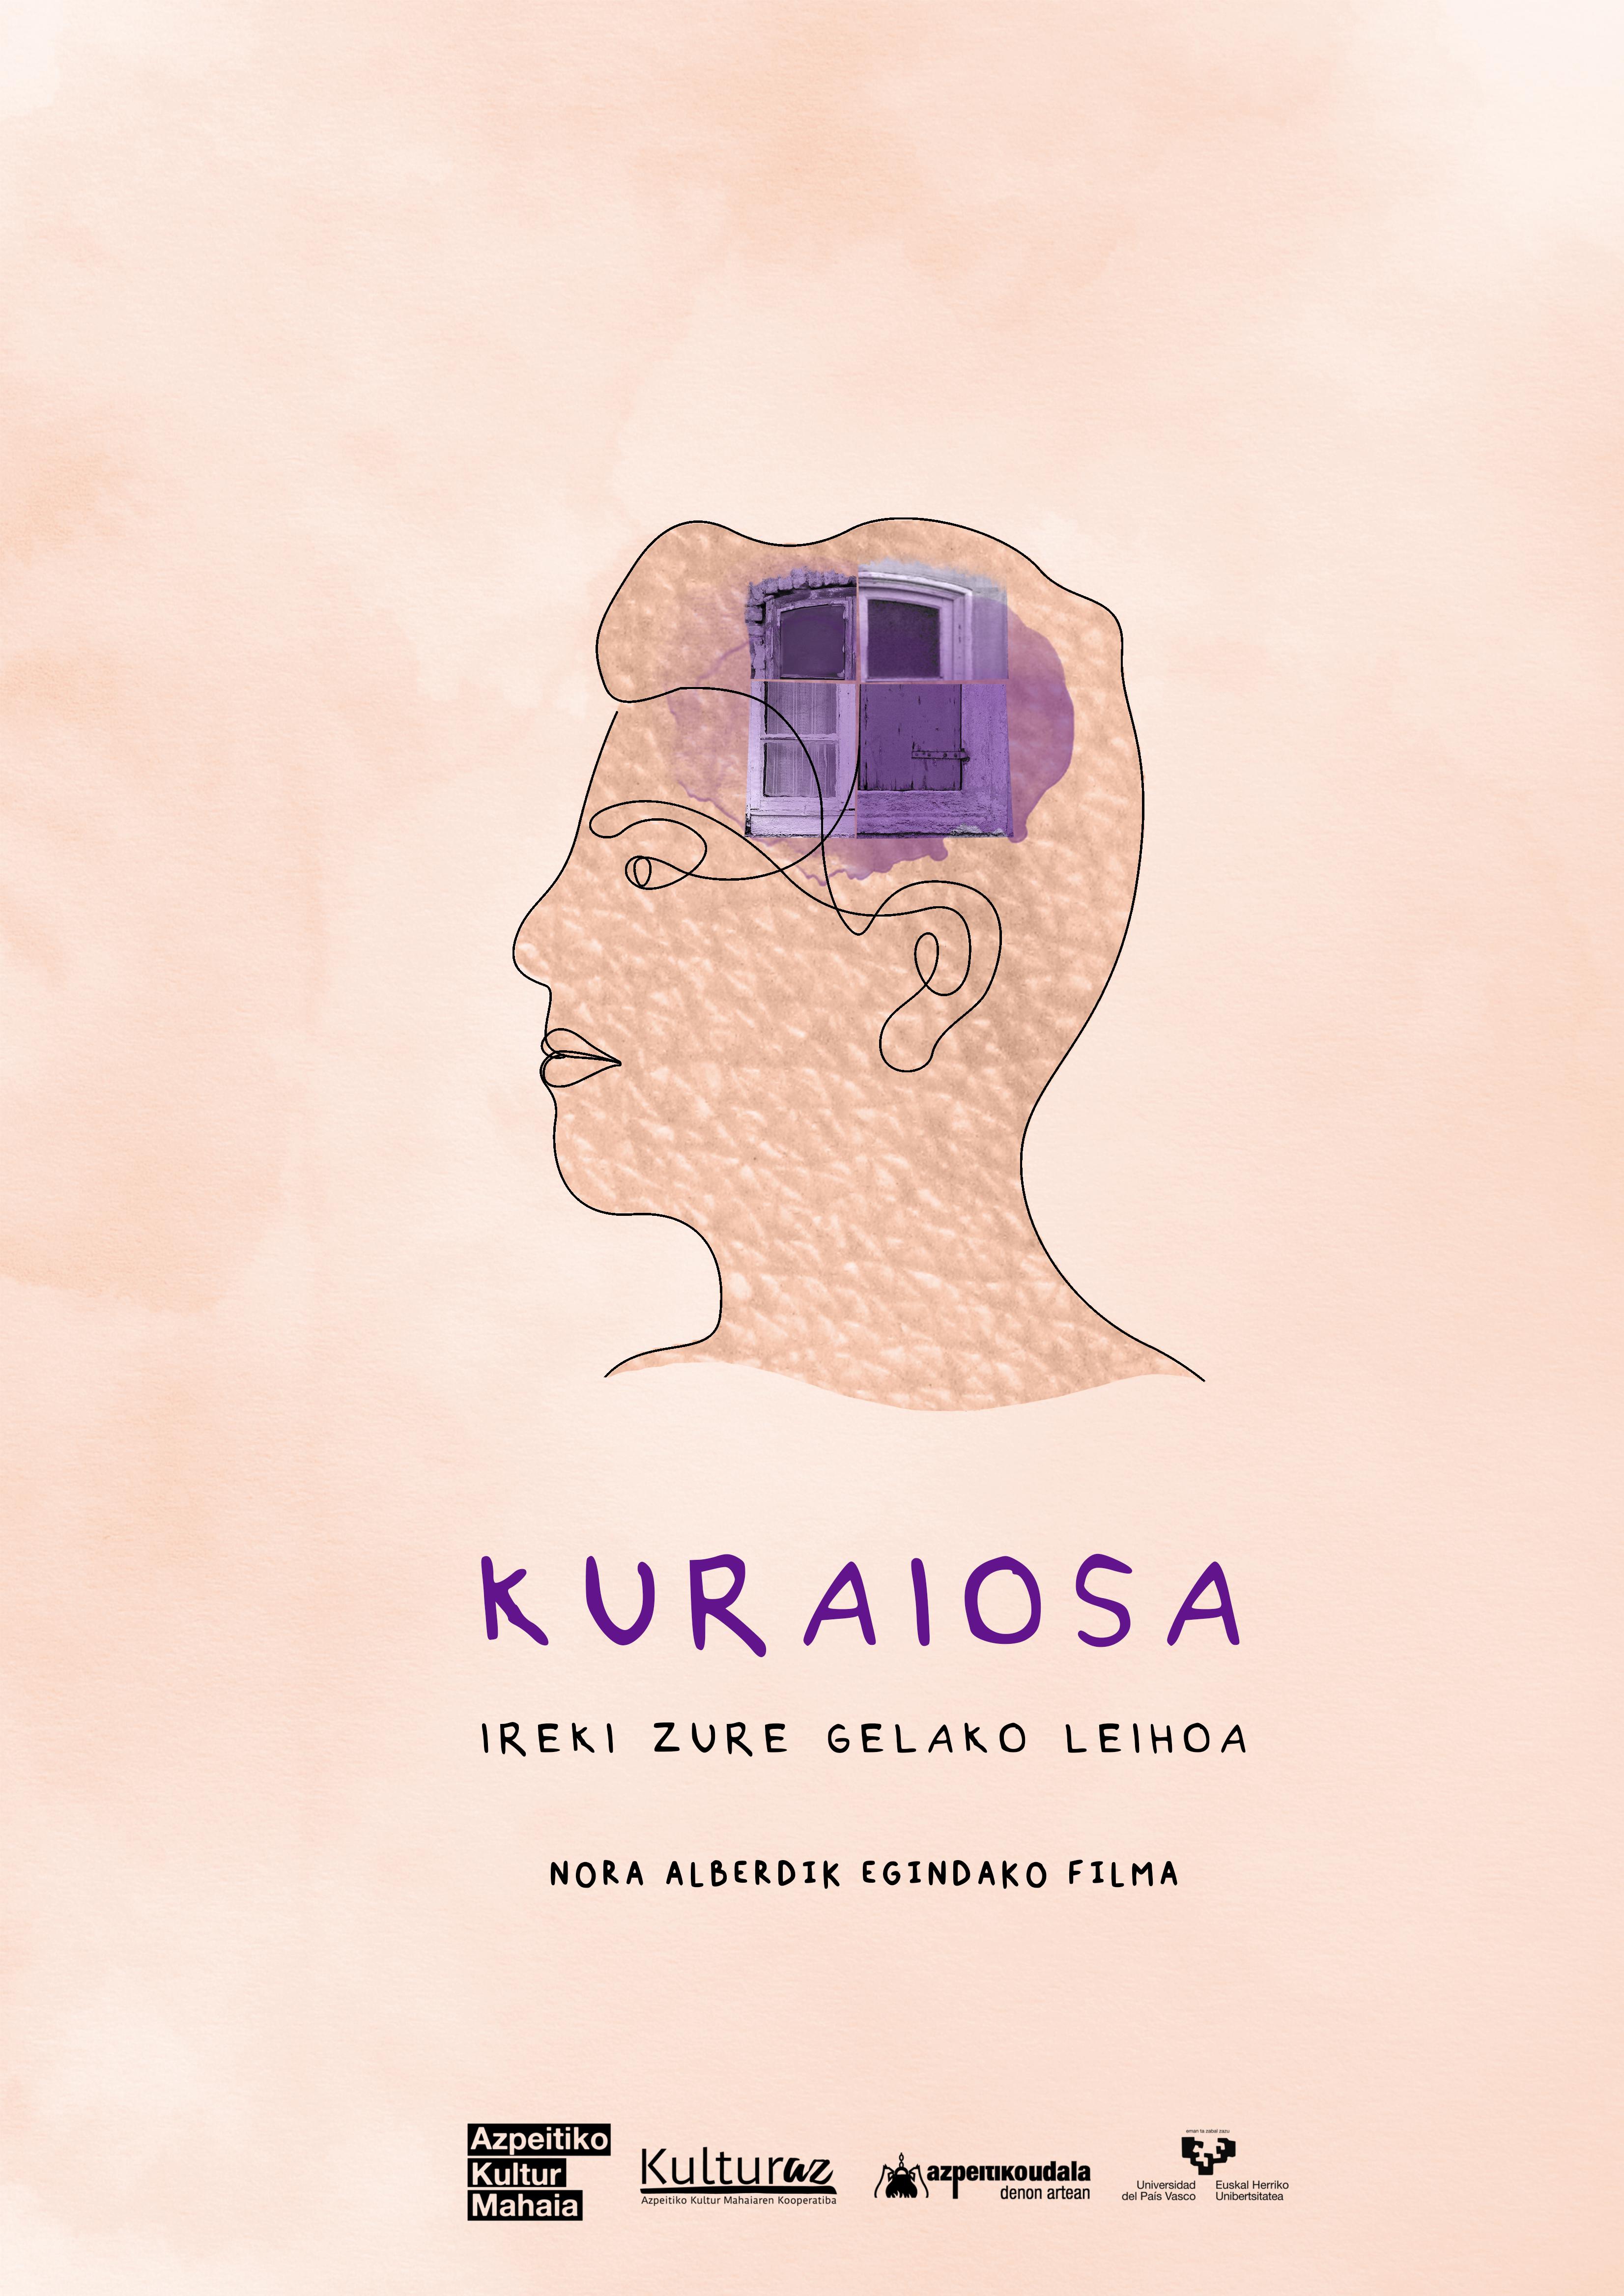 Kuraiosa (estreinaldia)